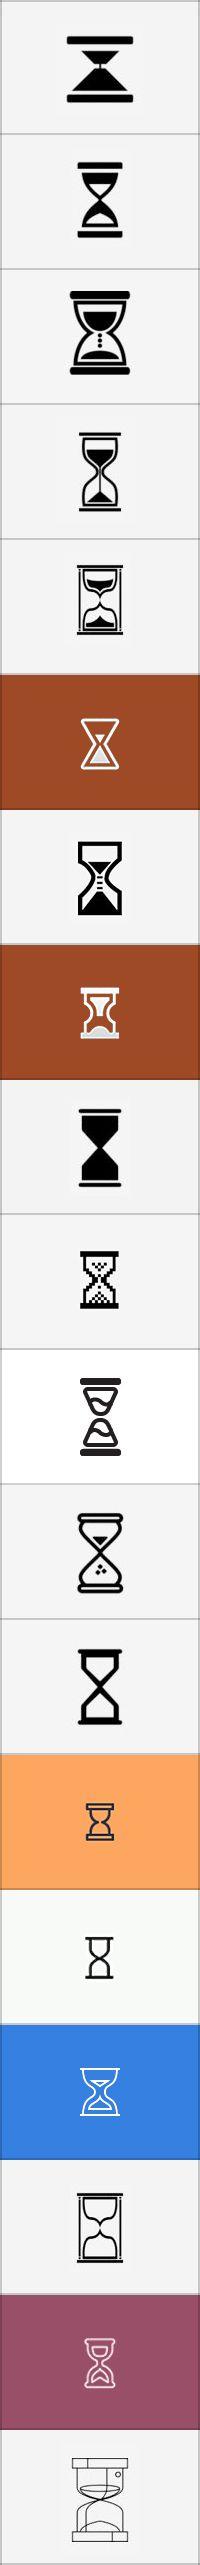 10.로딩중_모래시계2